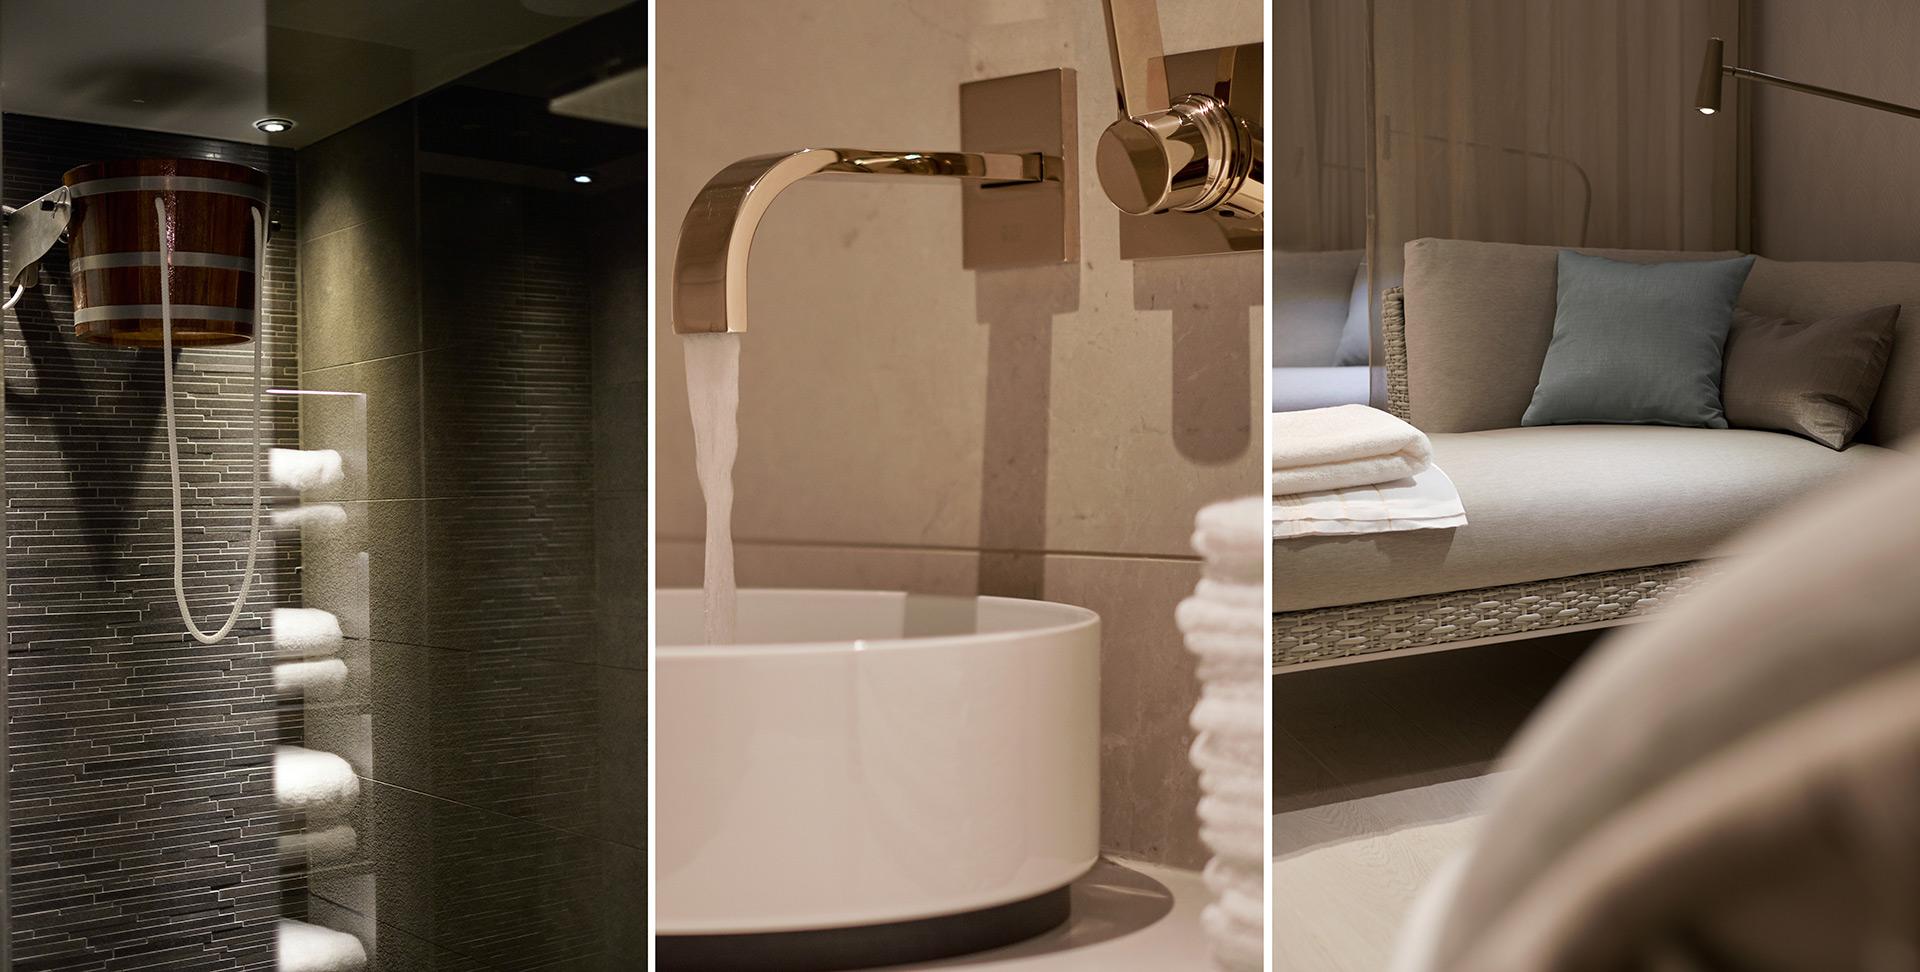 Details aus dem Spa im Hotel Der Öschberghof in Donaueschingen. Entworfen von JOI-Design.